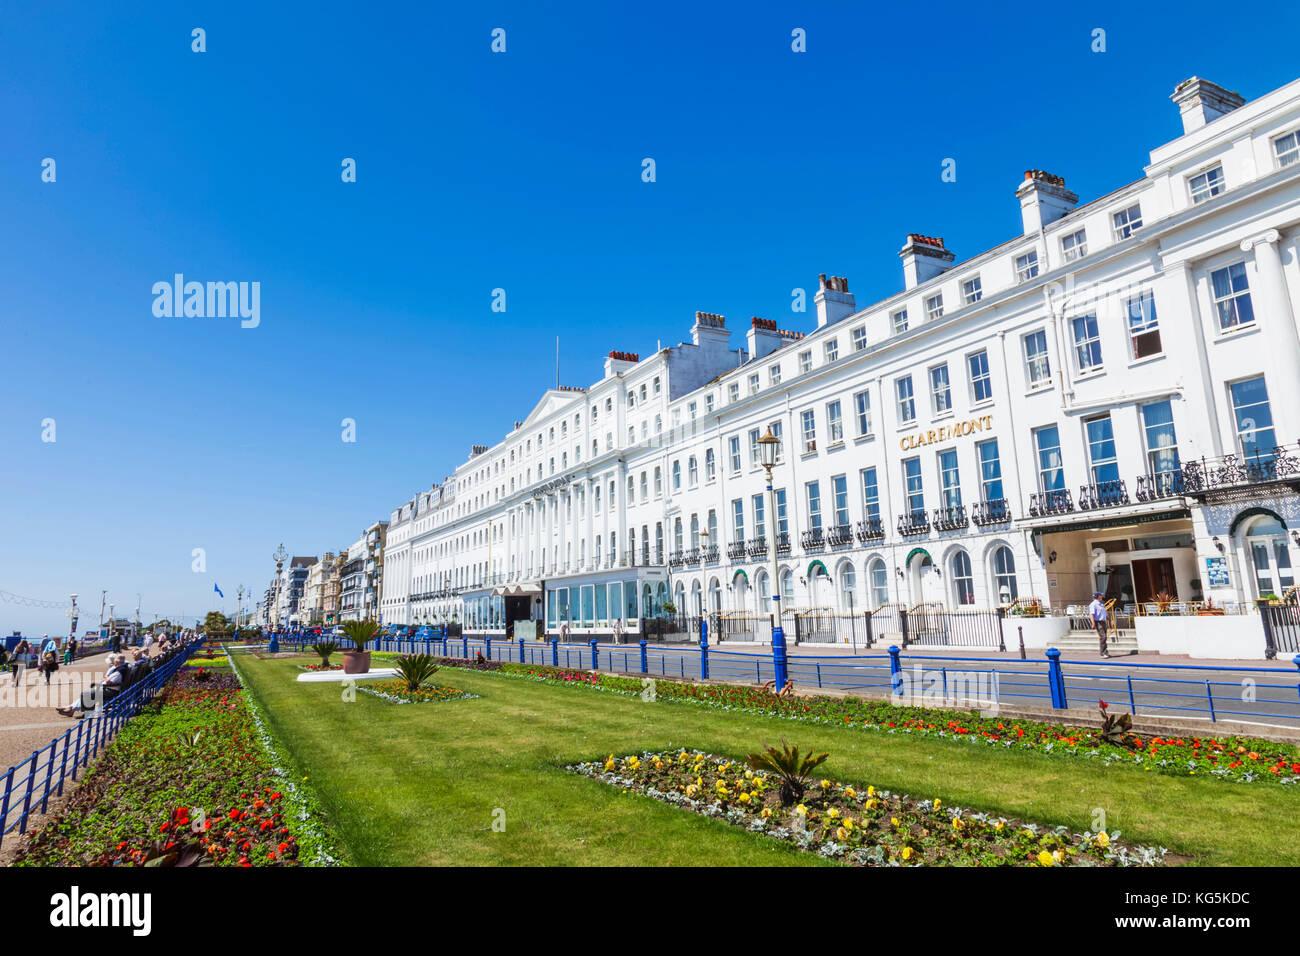 Inghilterra, East Sussex, Eastbourne, lungomare giardini e gli alberghi Immagini Stock